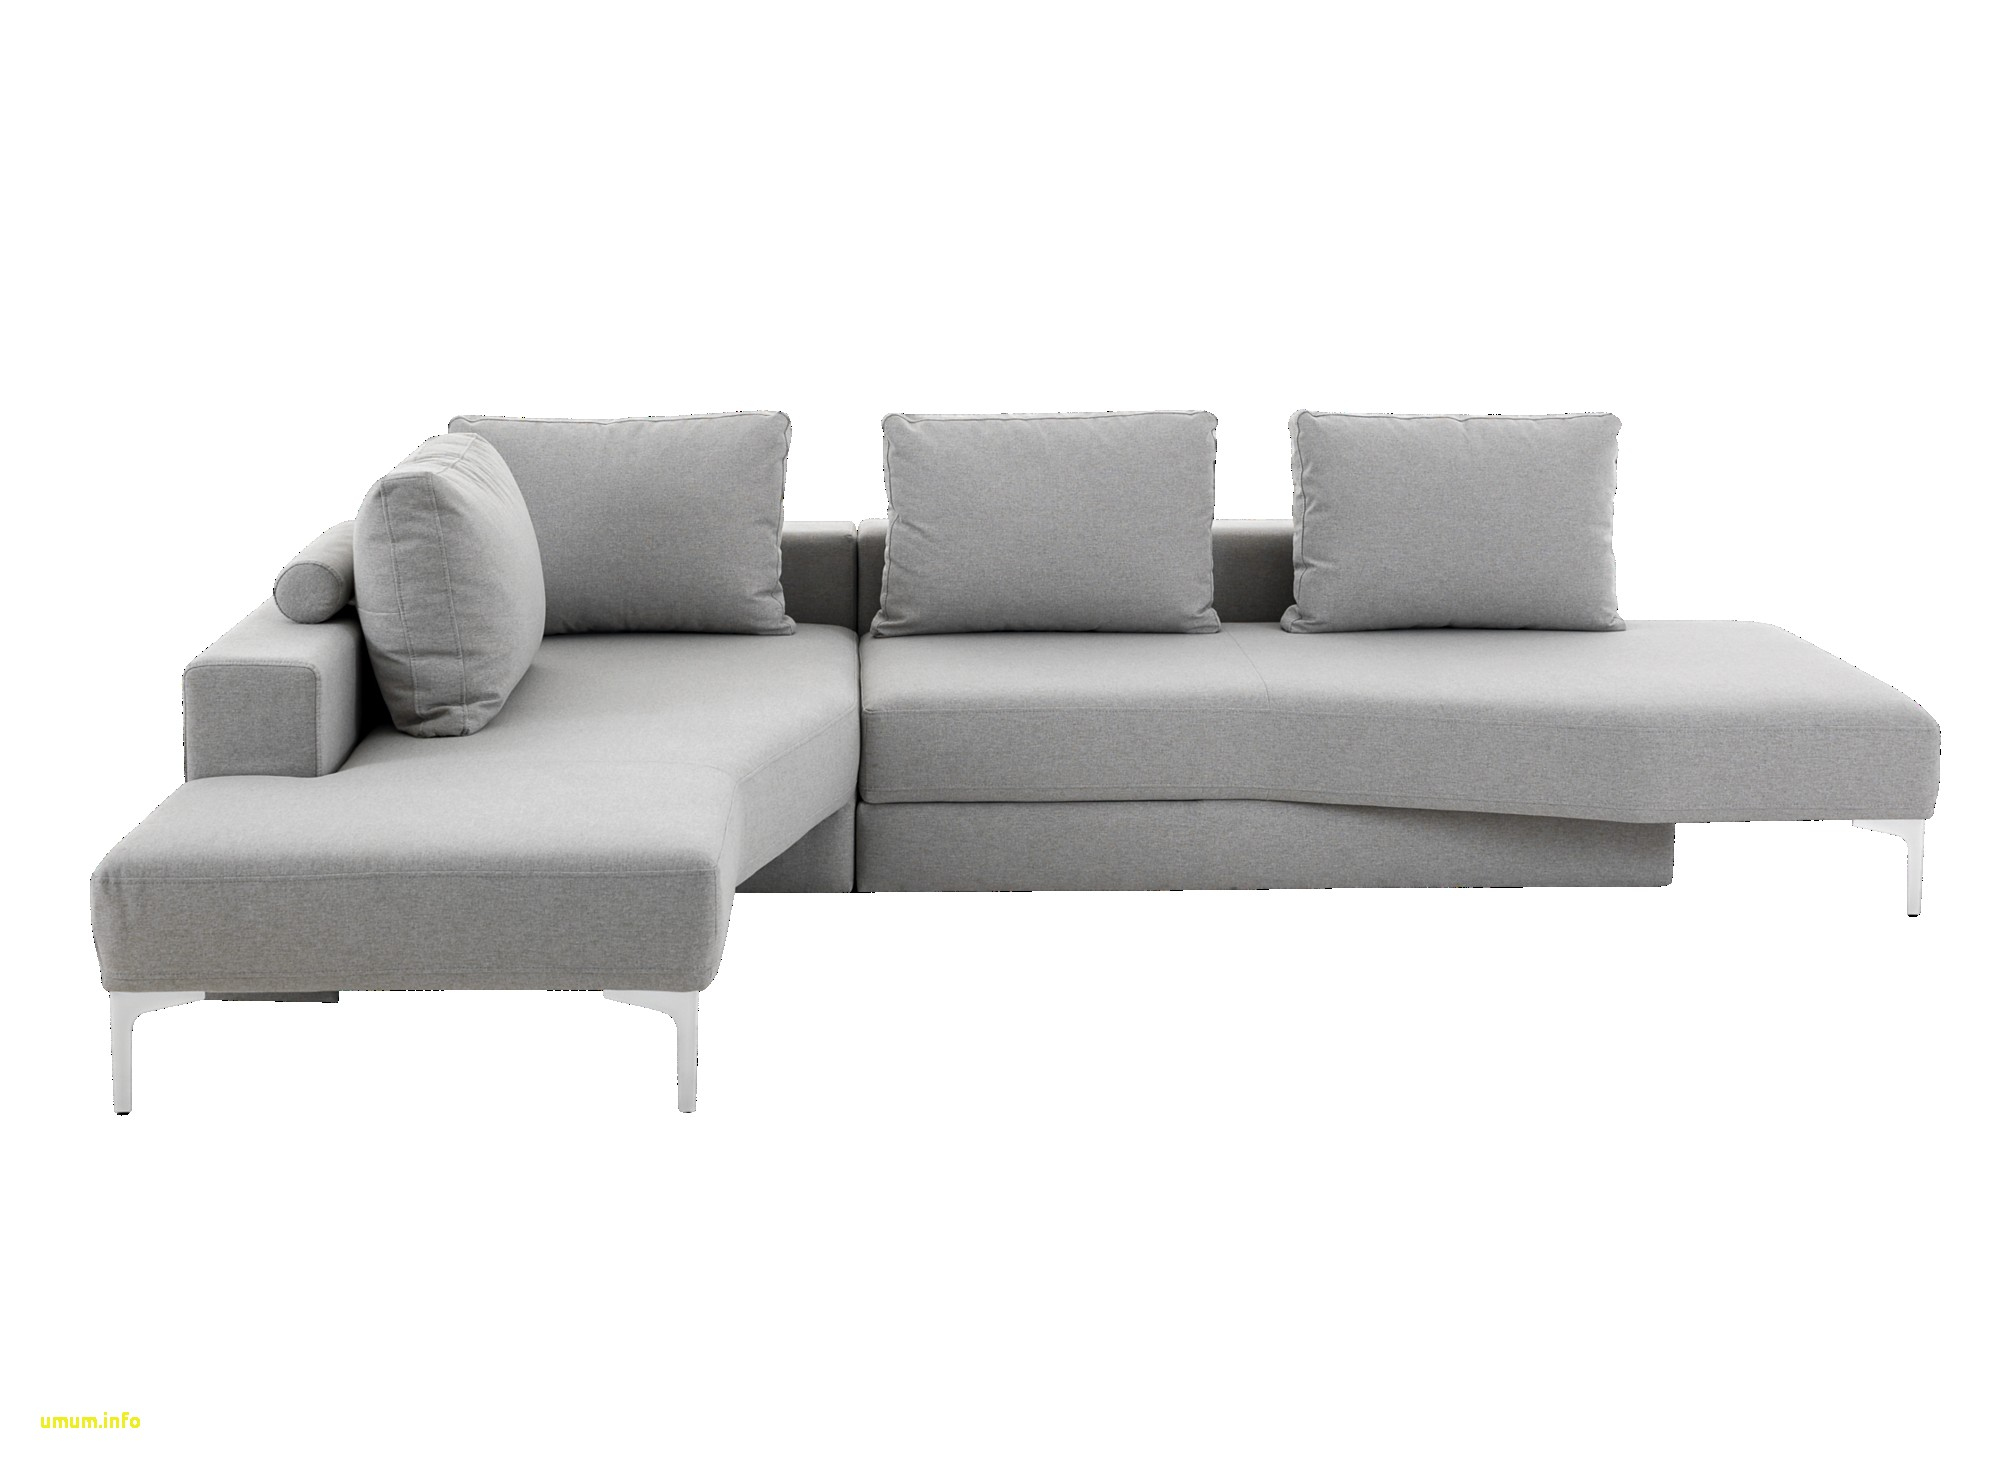 Canapé Convertible Pas Cher Ikea Inspirant Photos Article with Tag Coussin Pour Meuble Exterieur